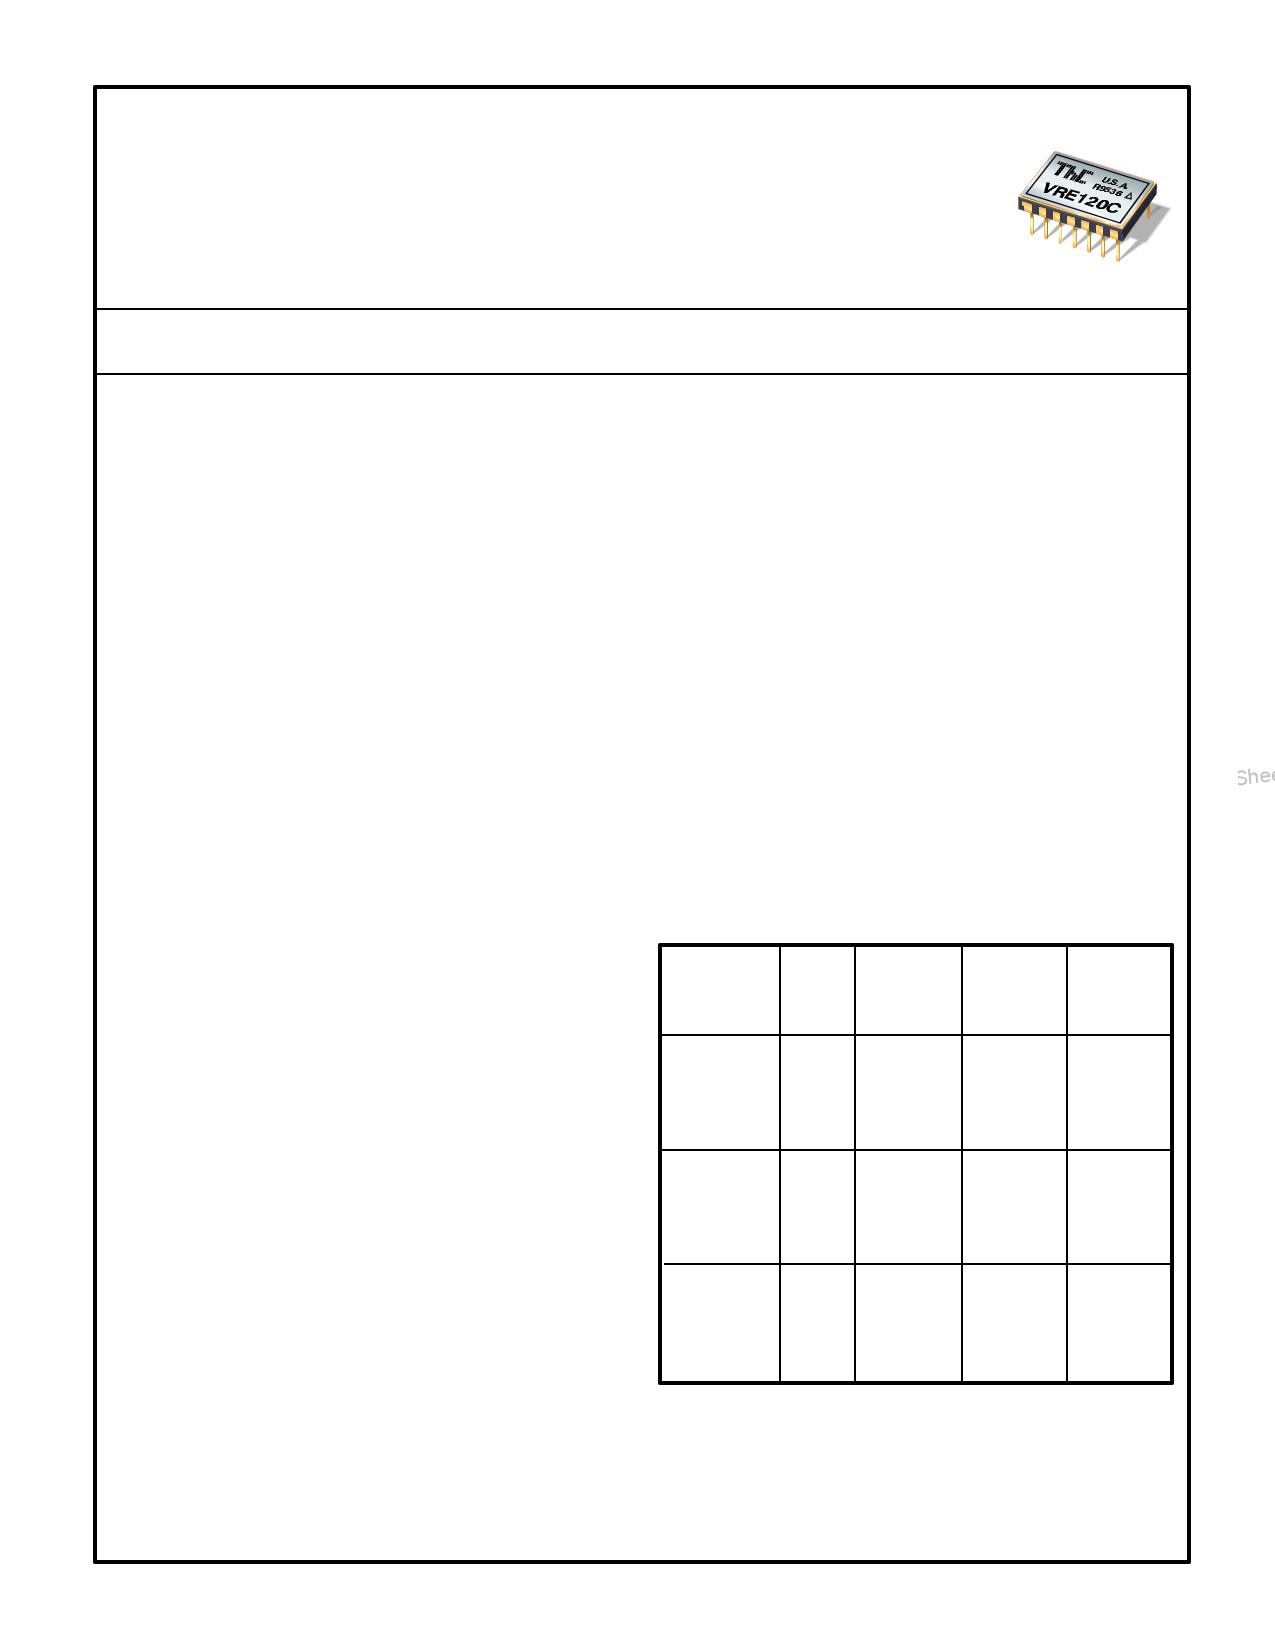 VRE122 datasheet